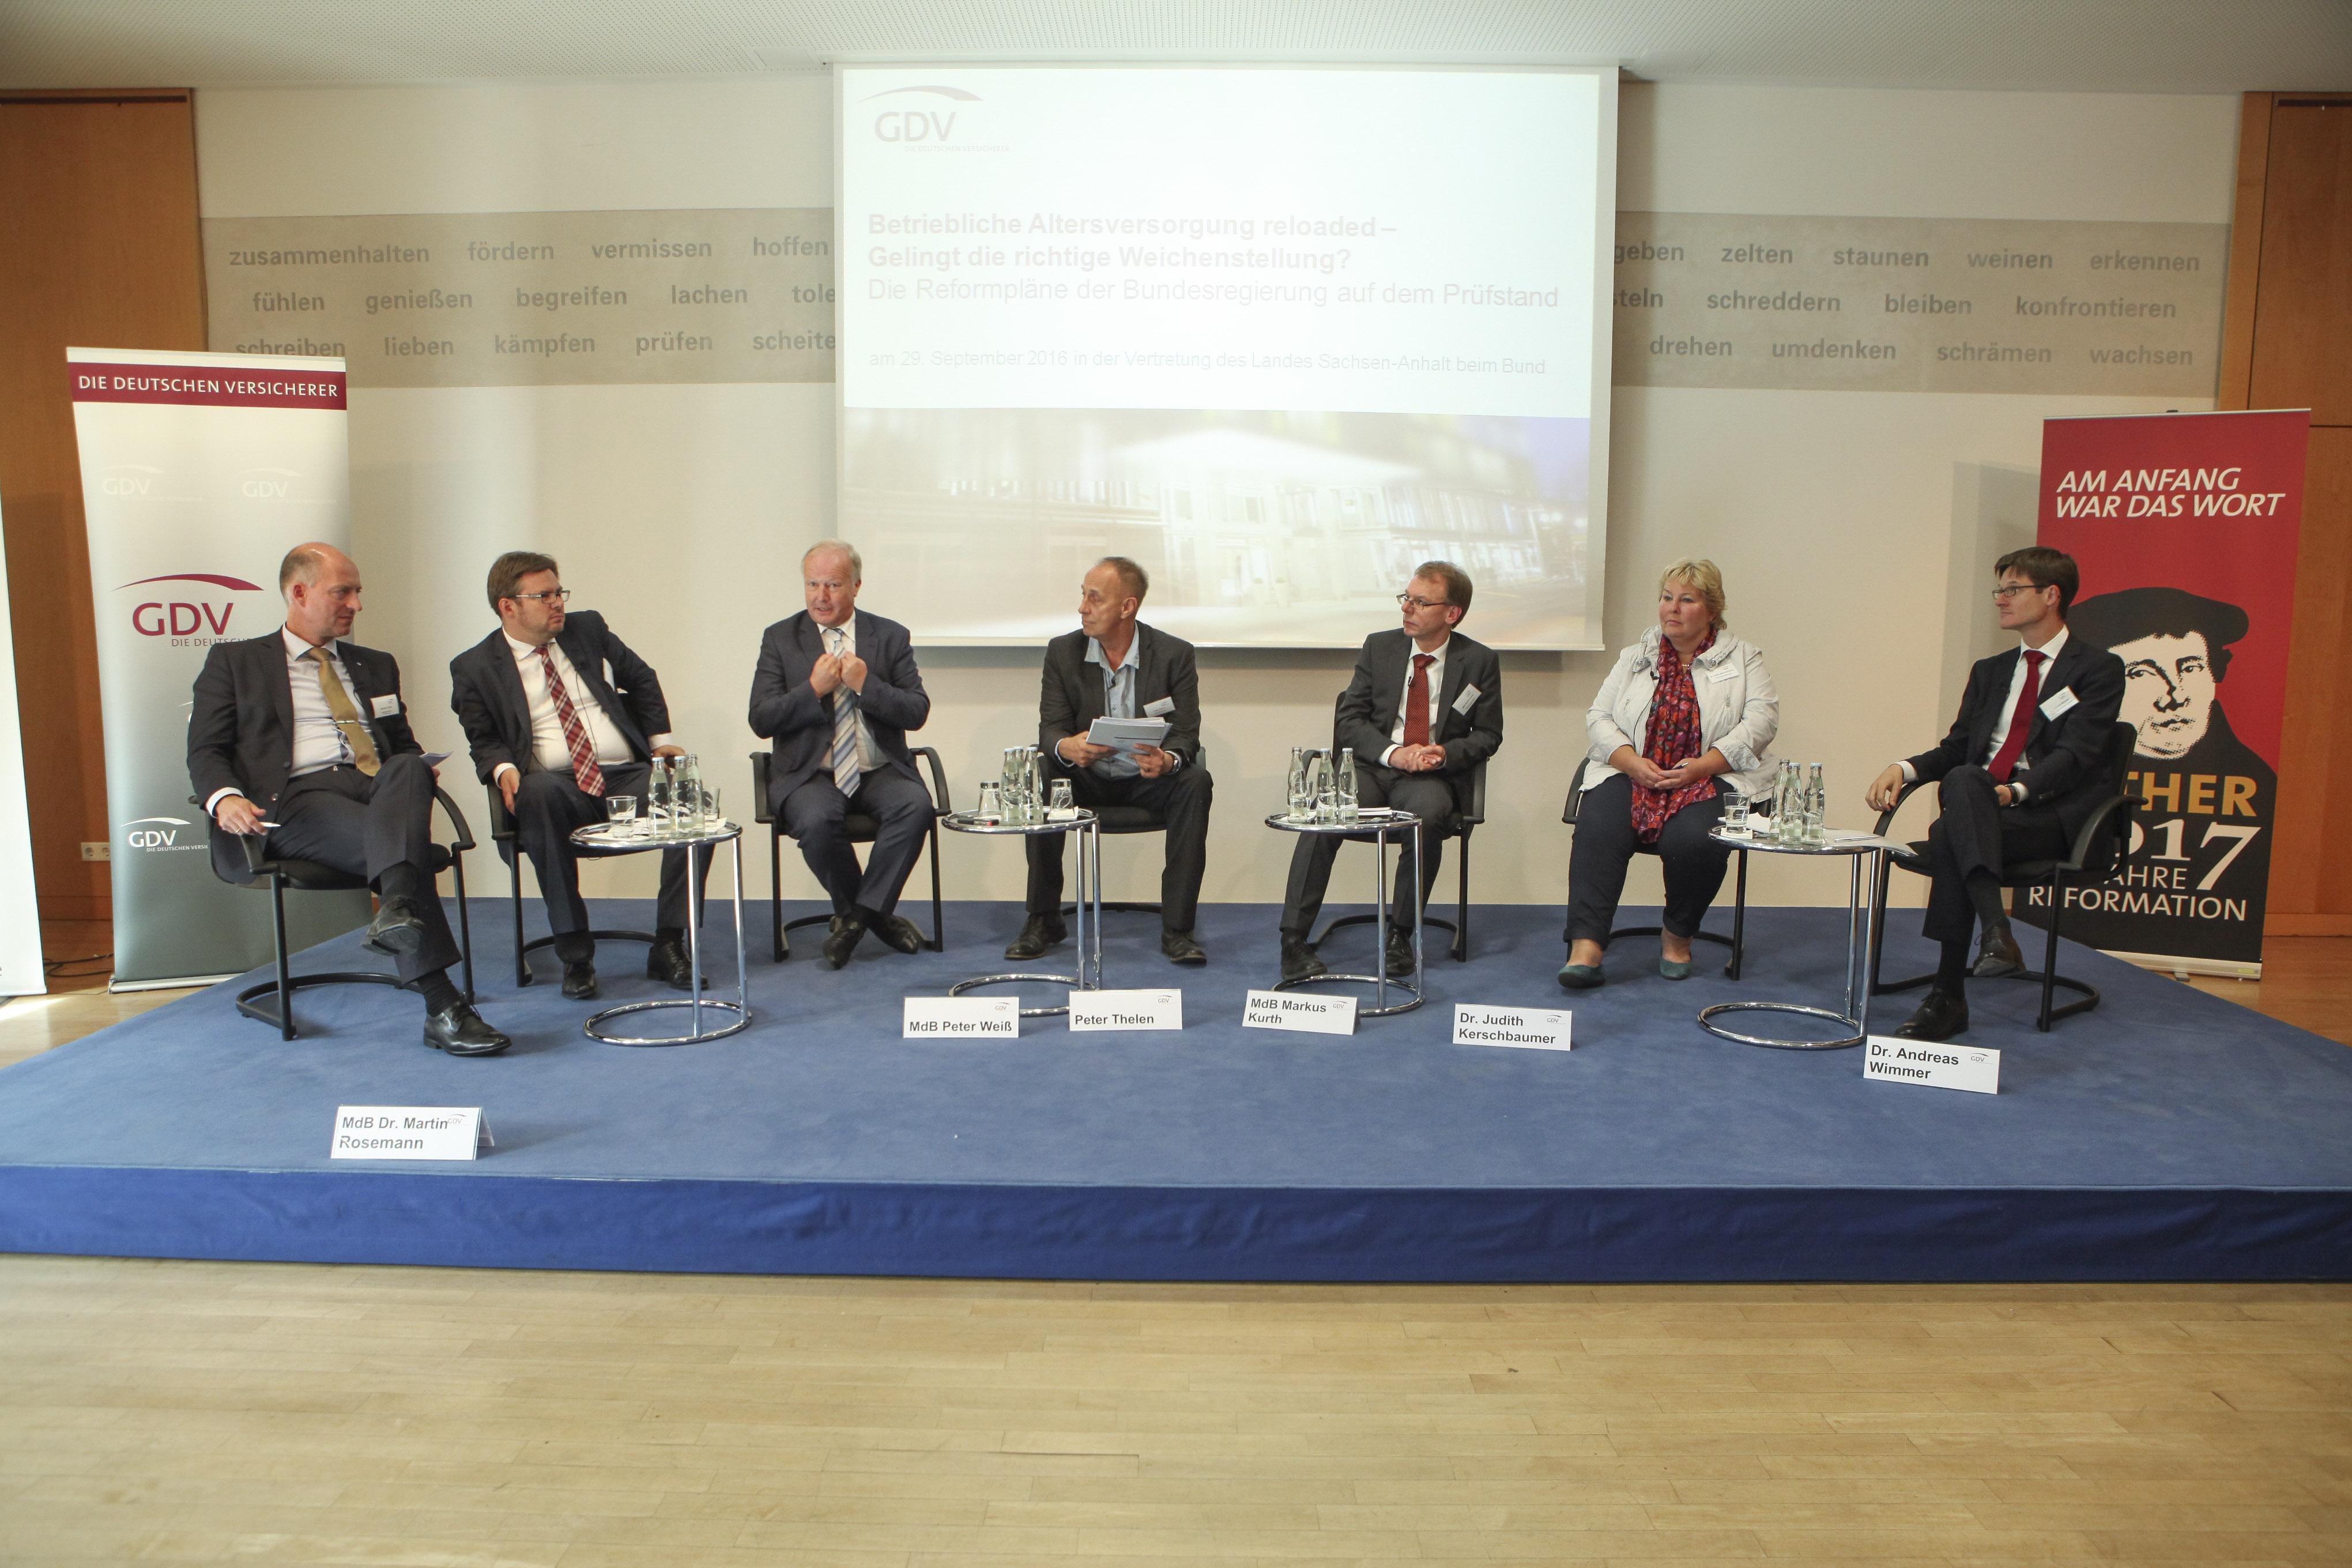 GDV-Podiumsgespräch zur betrieblichen Altersversorgung